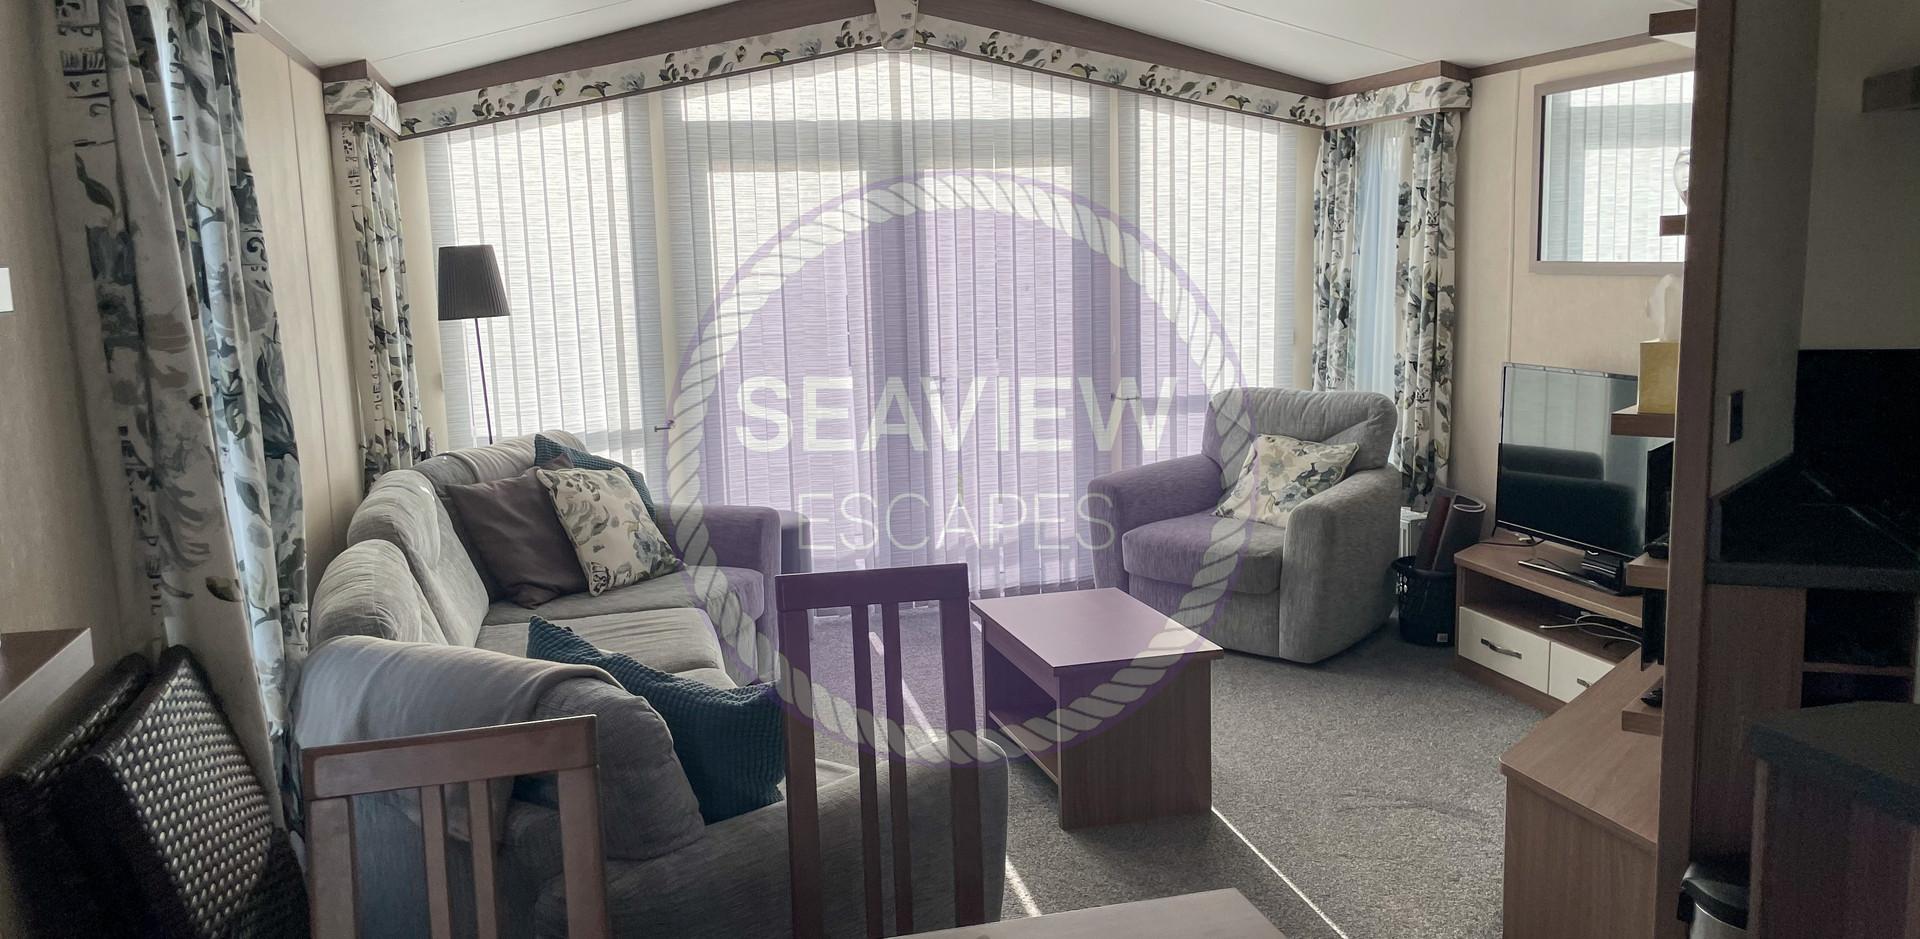 SEAVIEW HV24-17.jpg